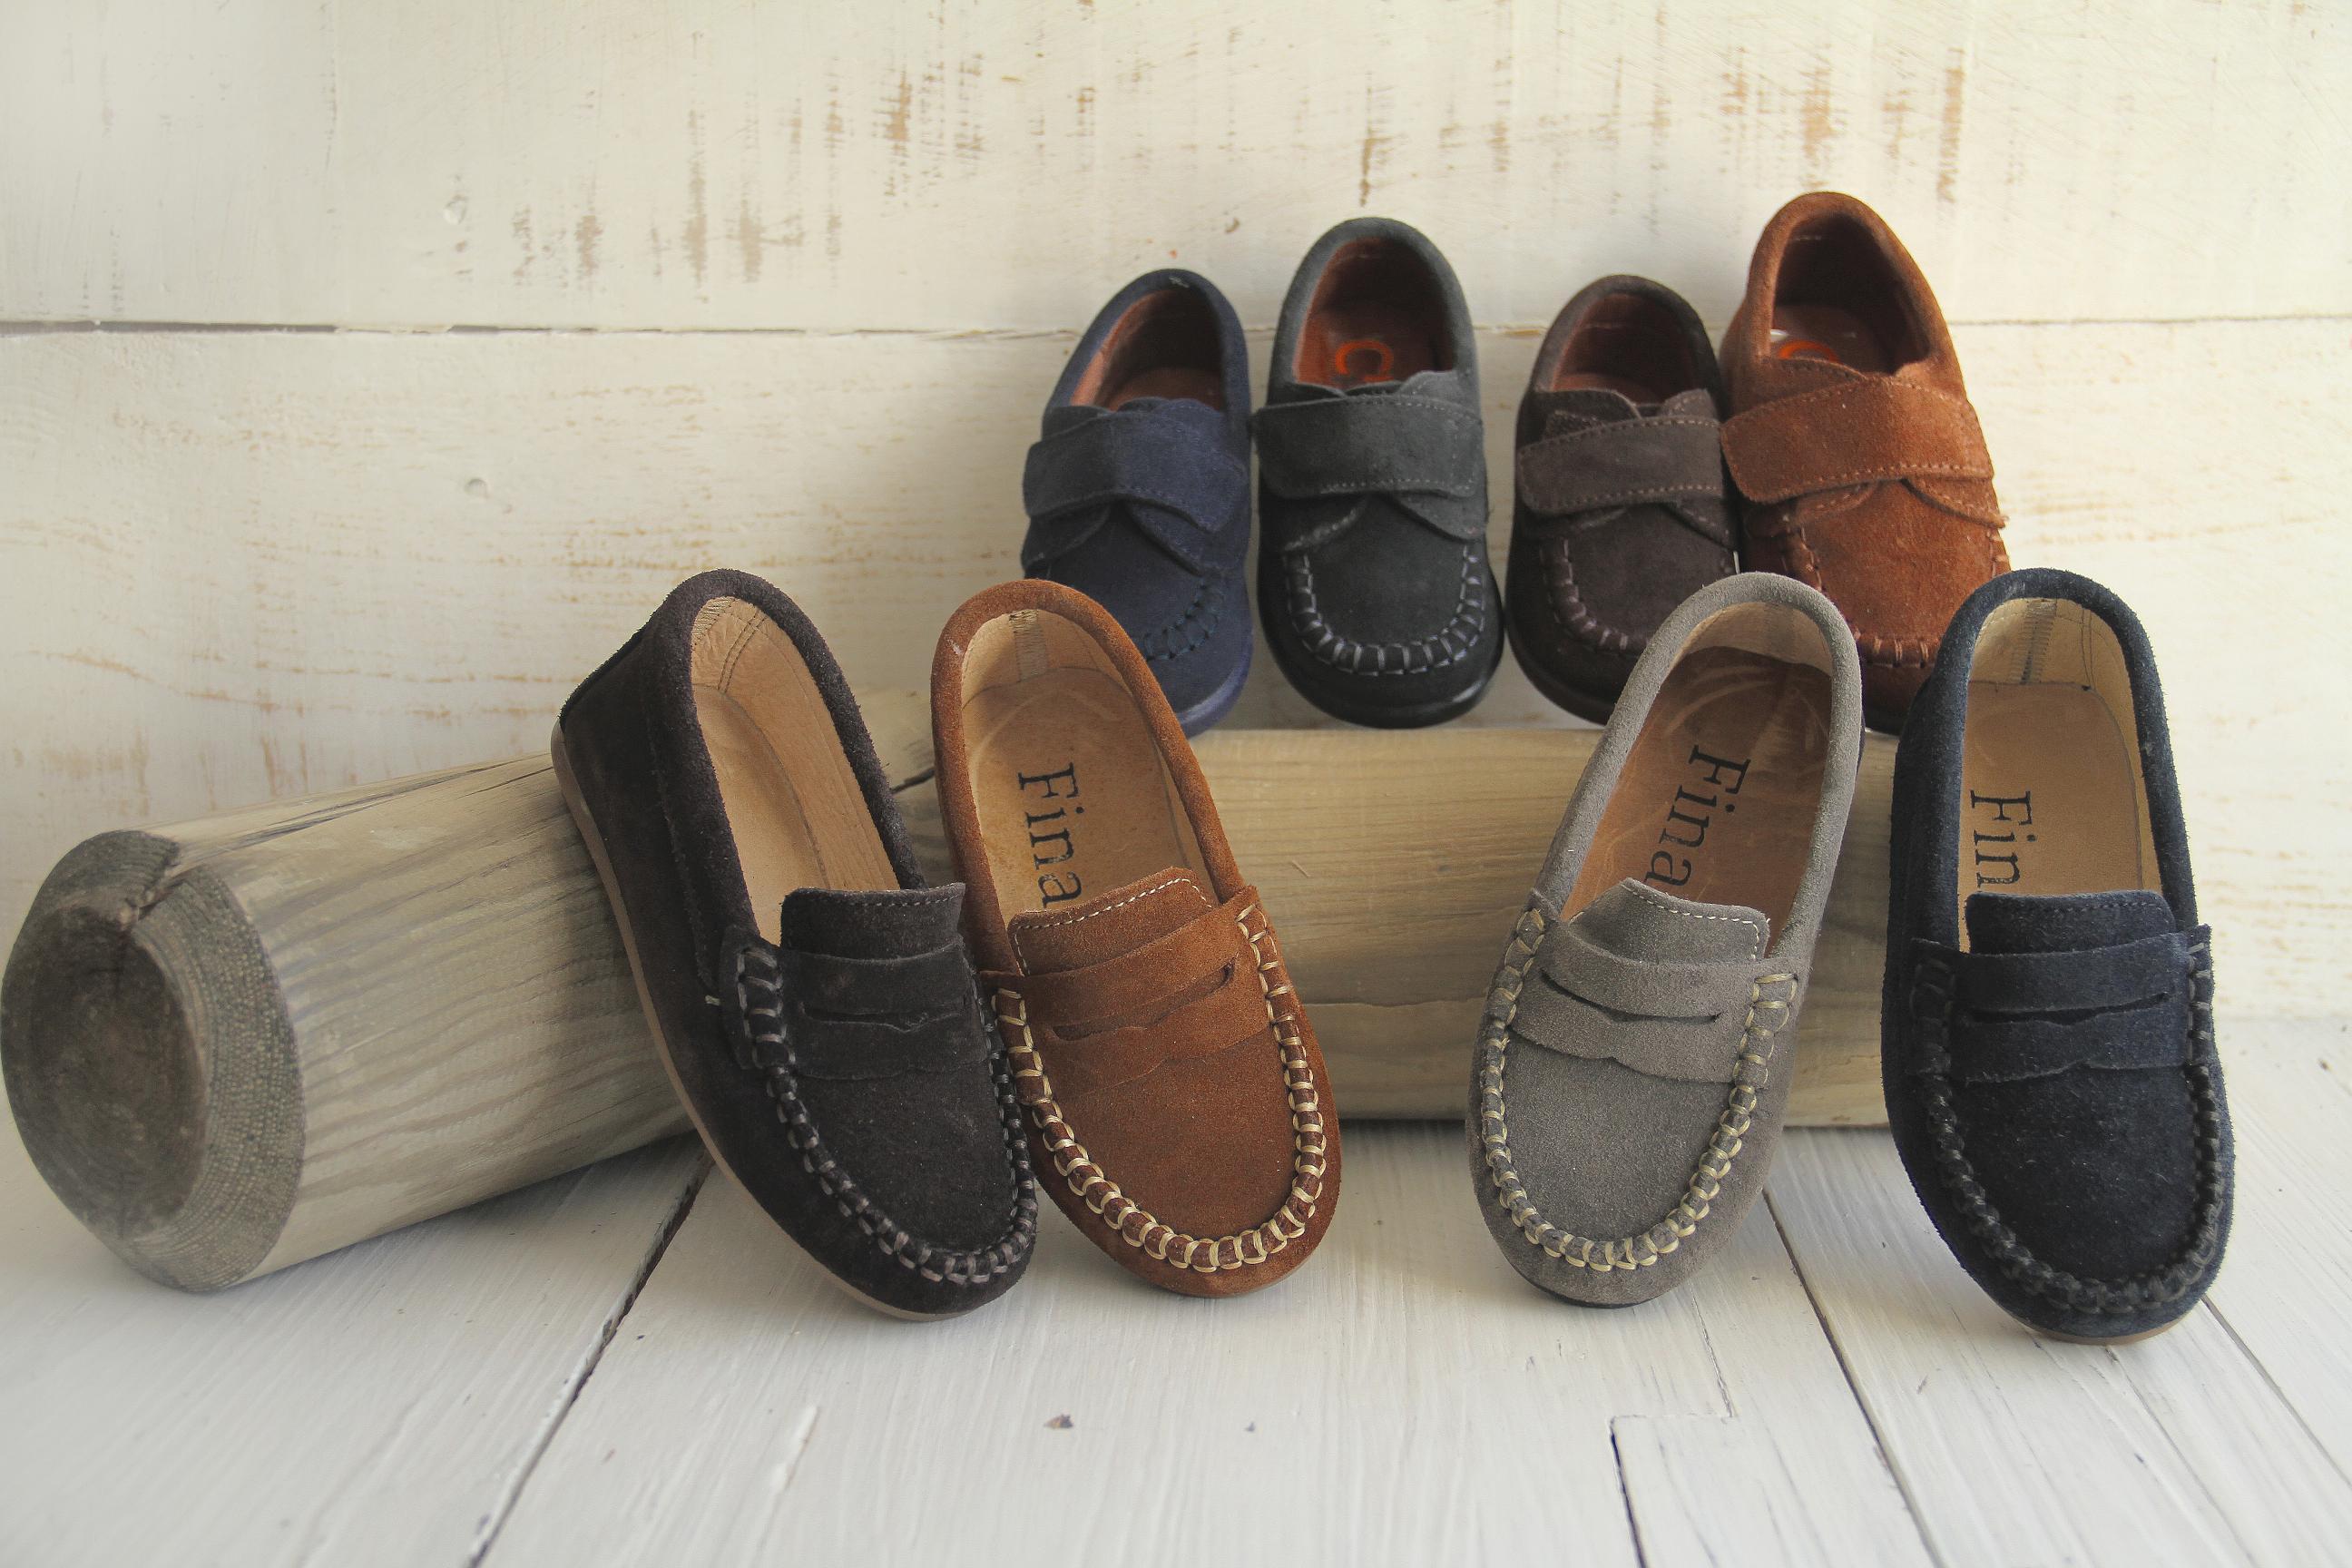 Chaussures D'été Pour Les Enfants 2MjVL0qFwm